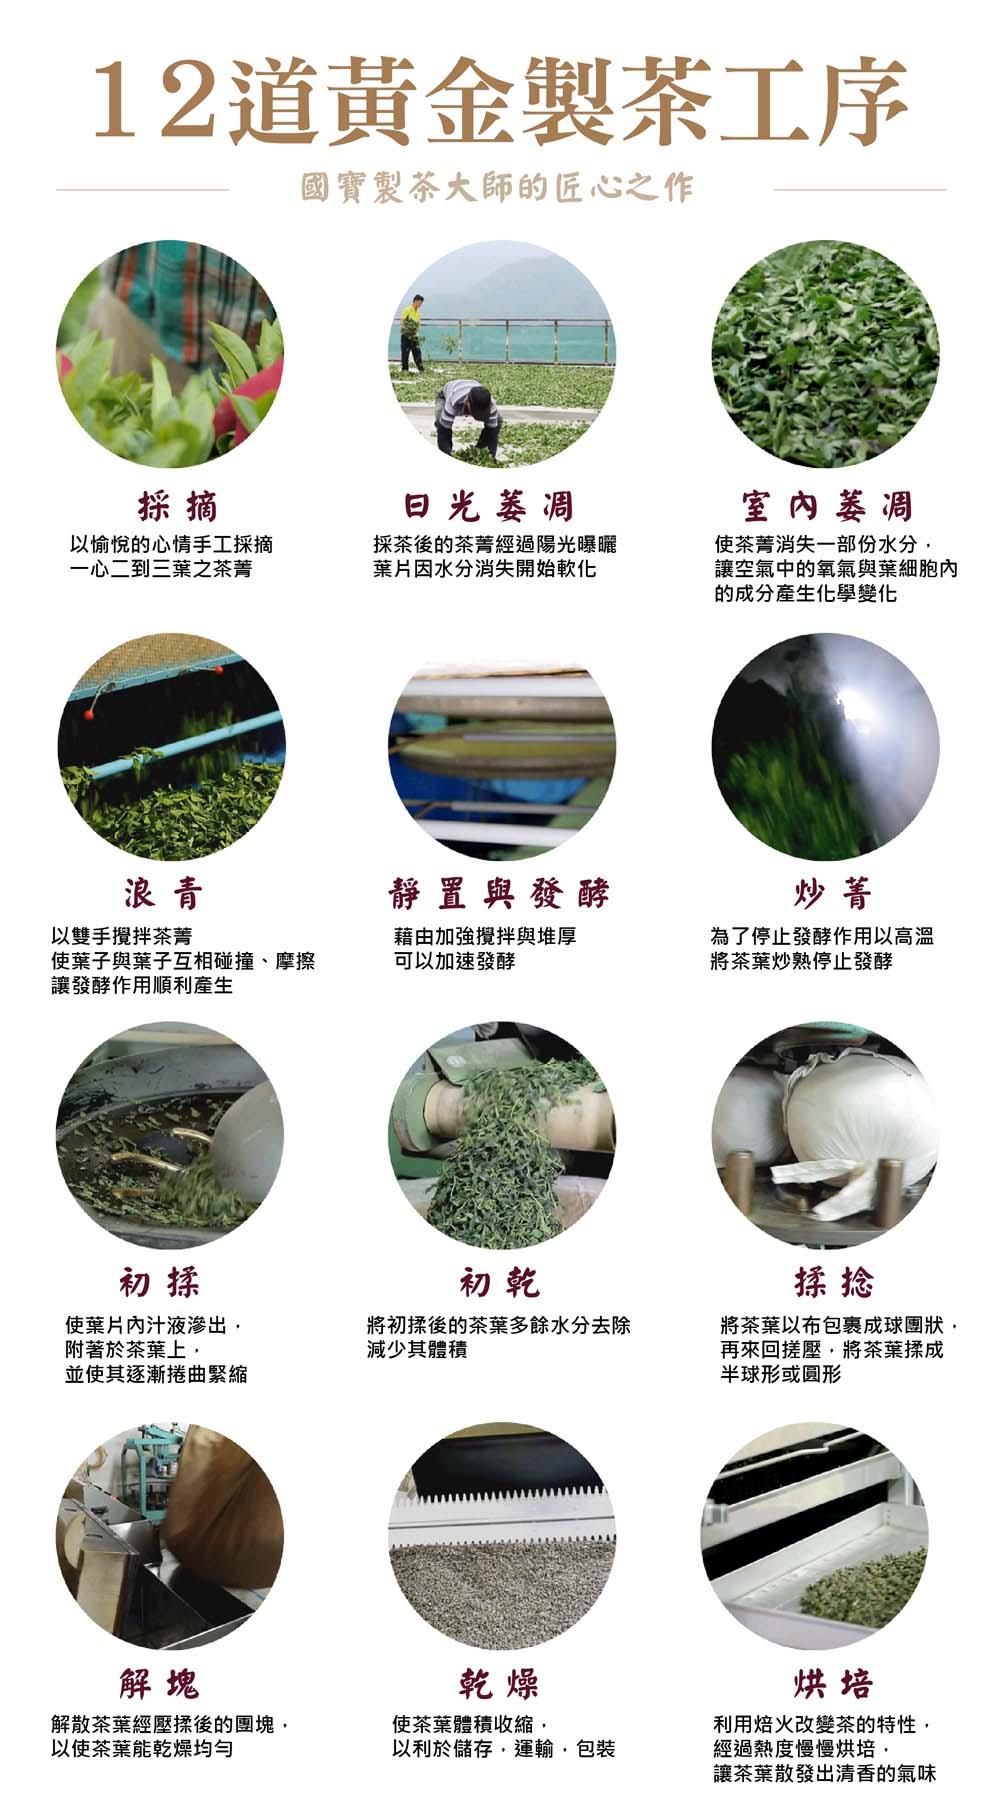 12道黃金製茶工序 製茶的過程